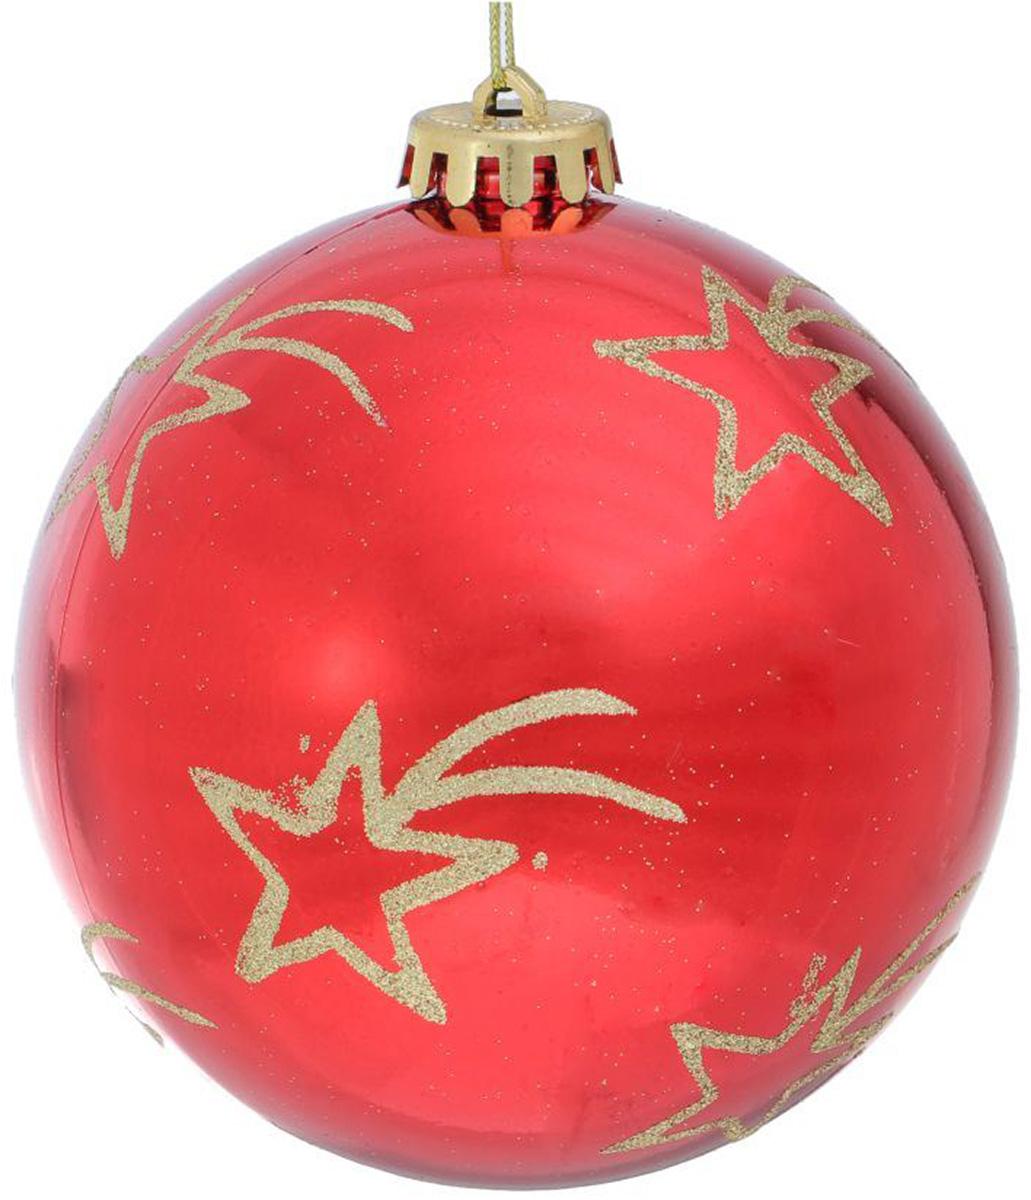 Новогоднее подвесное украшение Sima-land Комета, диаметр 12 см1307049Новогоднее украшение Sima-land отлично подойдет для декорации вашего дома и новогодней ели. Елочная игрушка - символ Нового года. Она несет в себе волшебство и красоту праздника. Такое украшение создаст в вашем доме атмосферу праздника, веселья и радости.